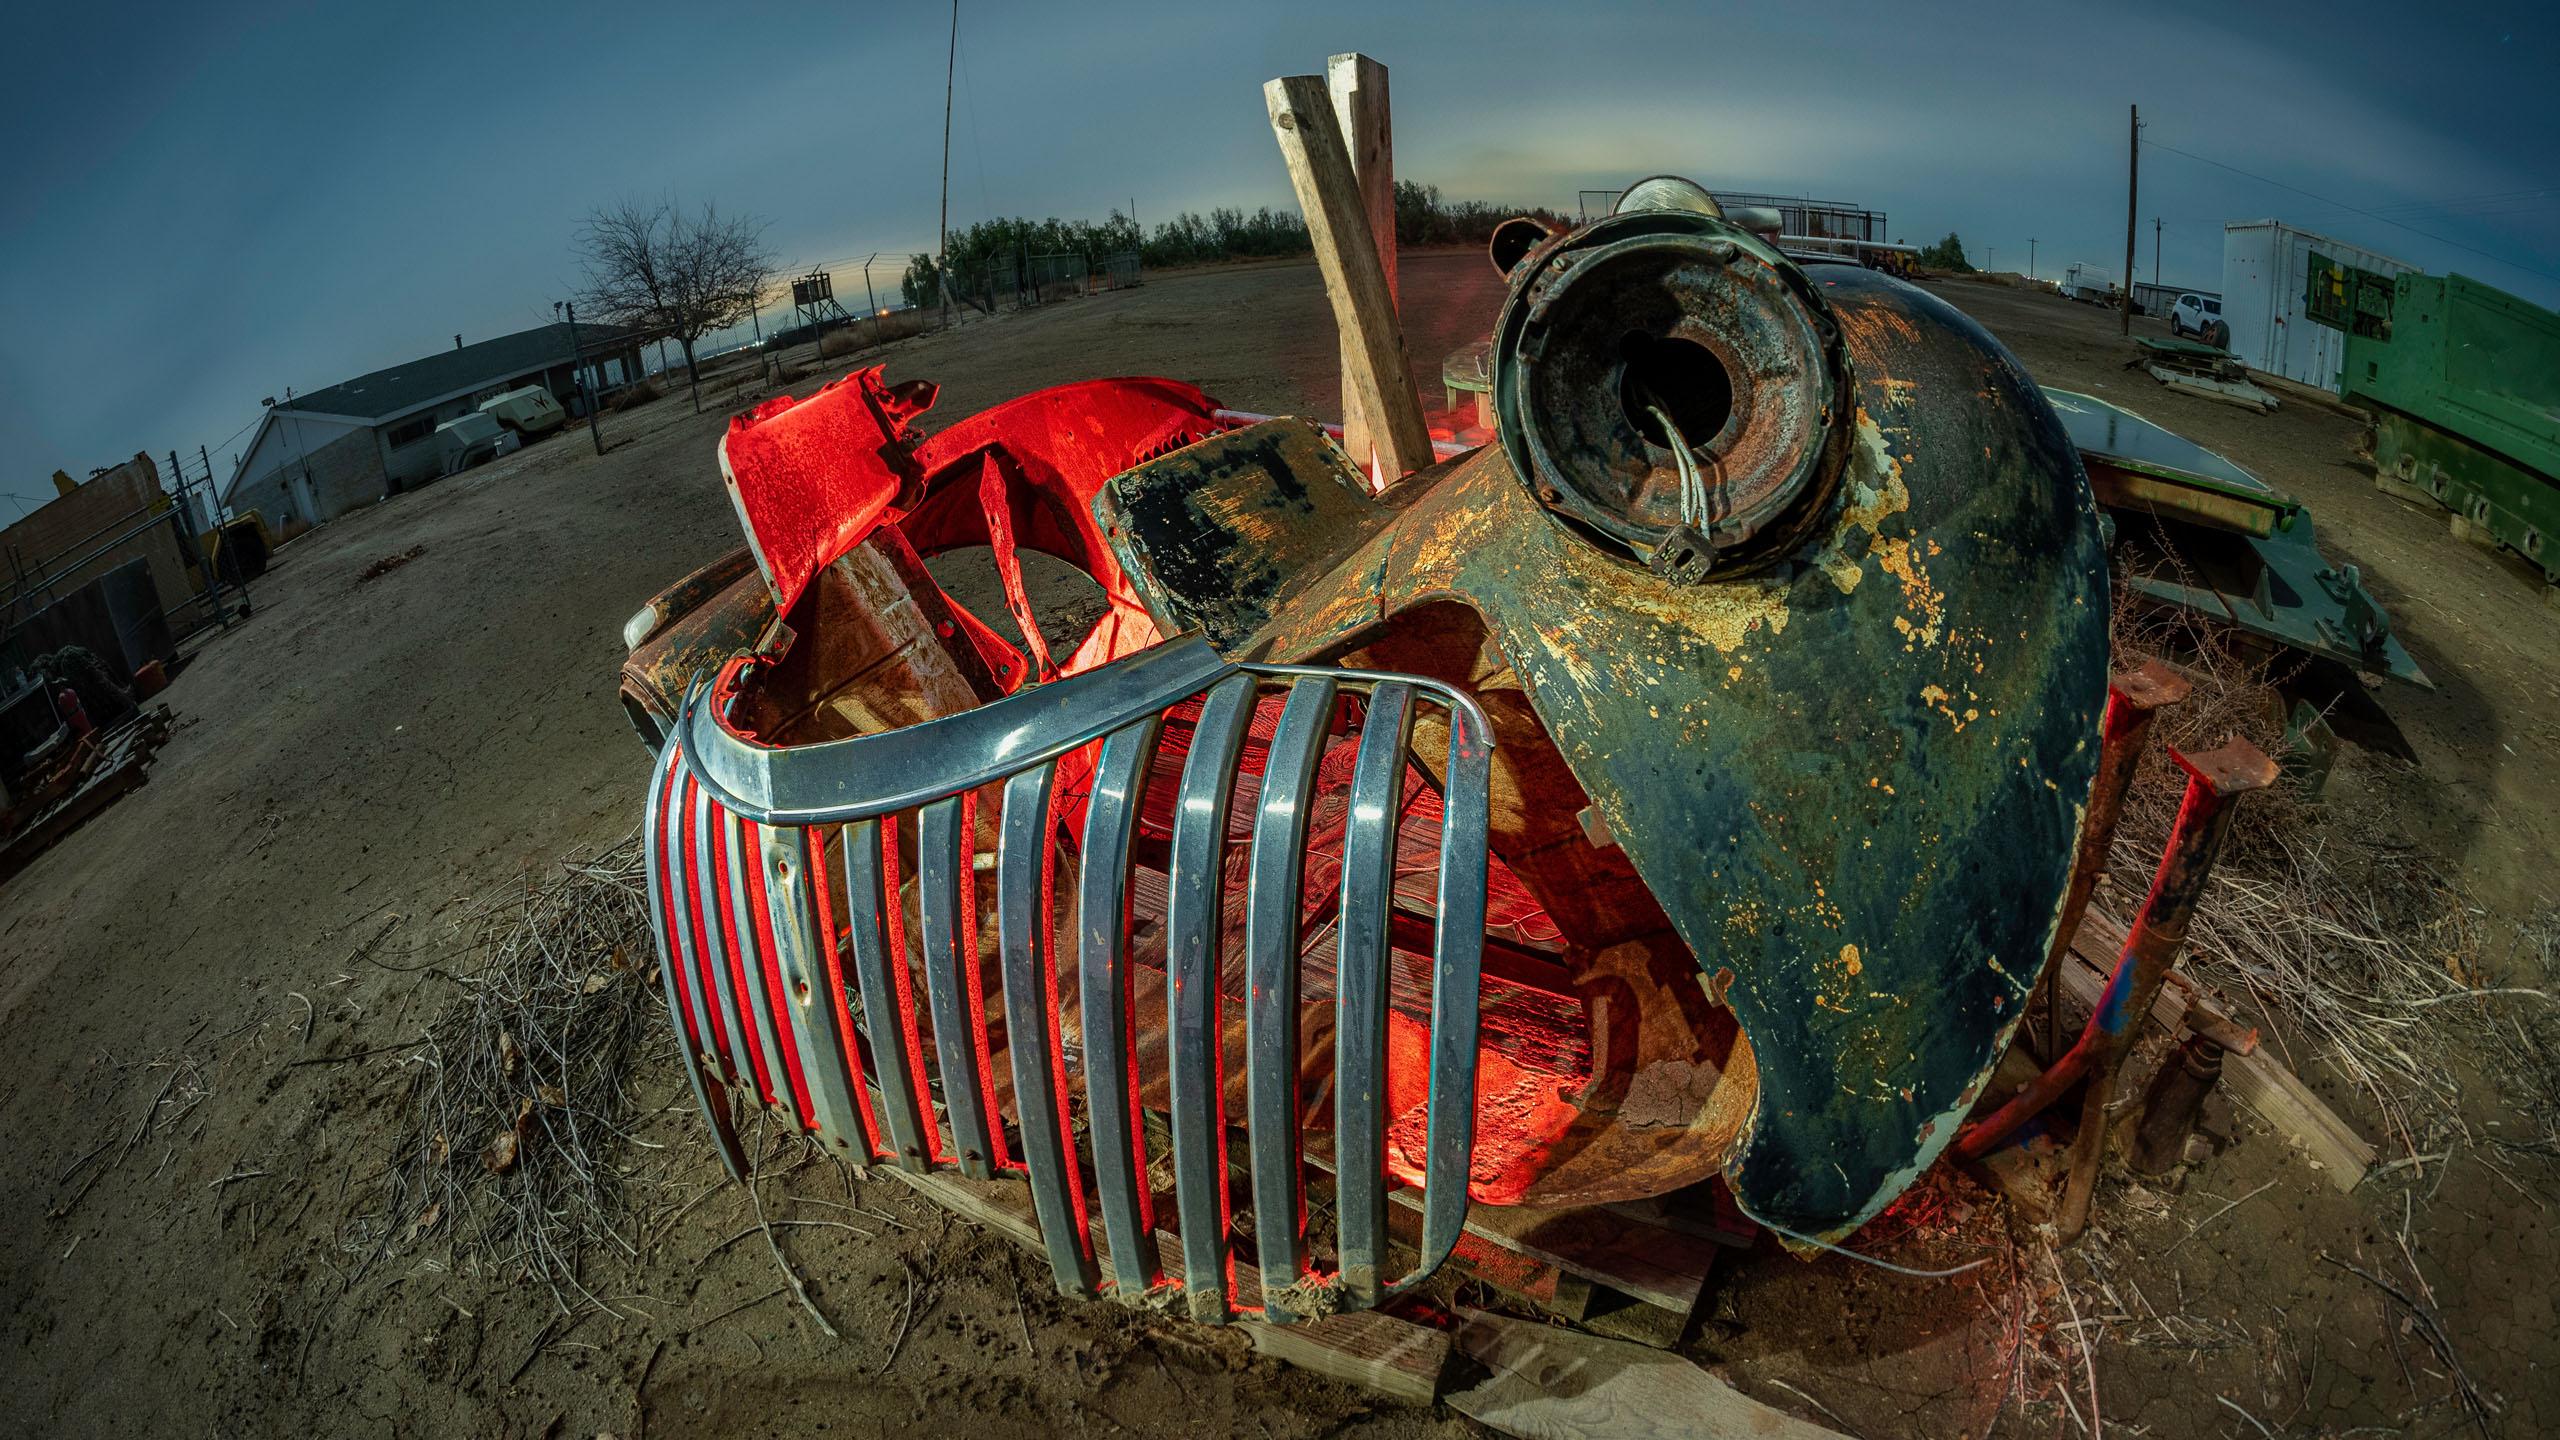 7565_kenlee_eaglefield_201227_0008_2mf8iso320_fisheye_red-grille-separated PHOTOFOCUS HEADER